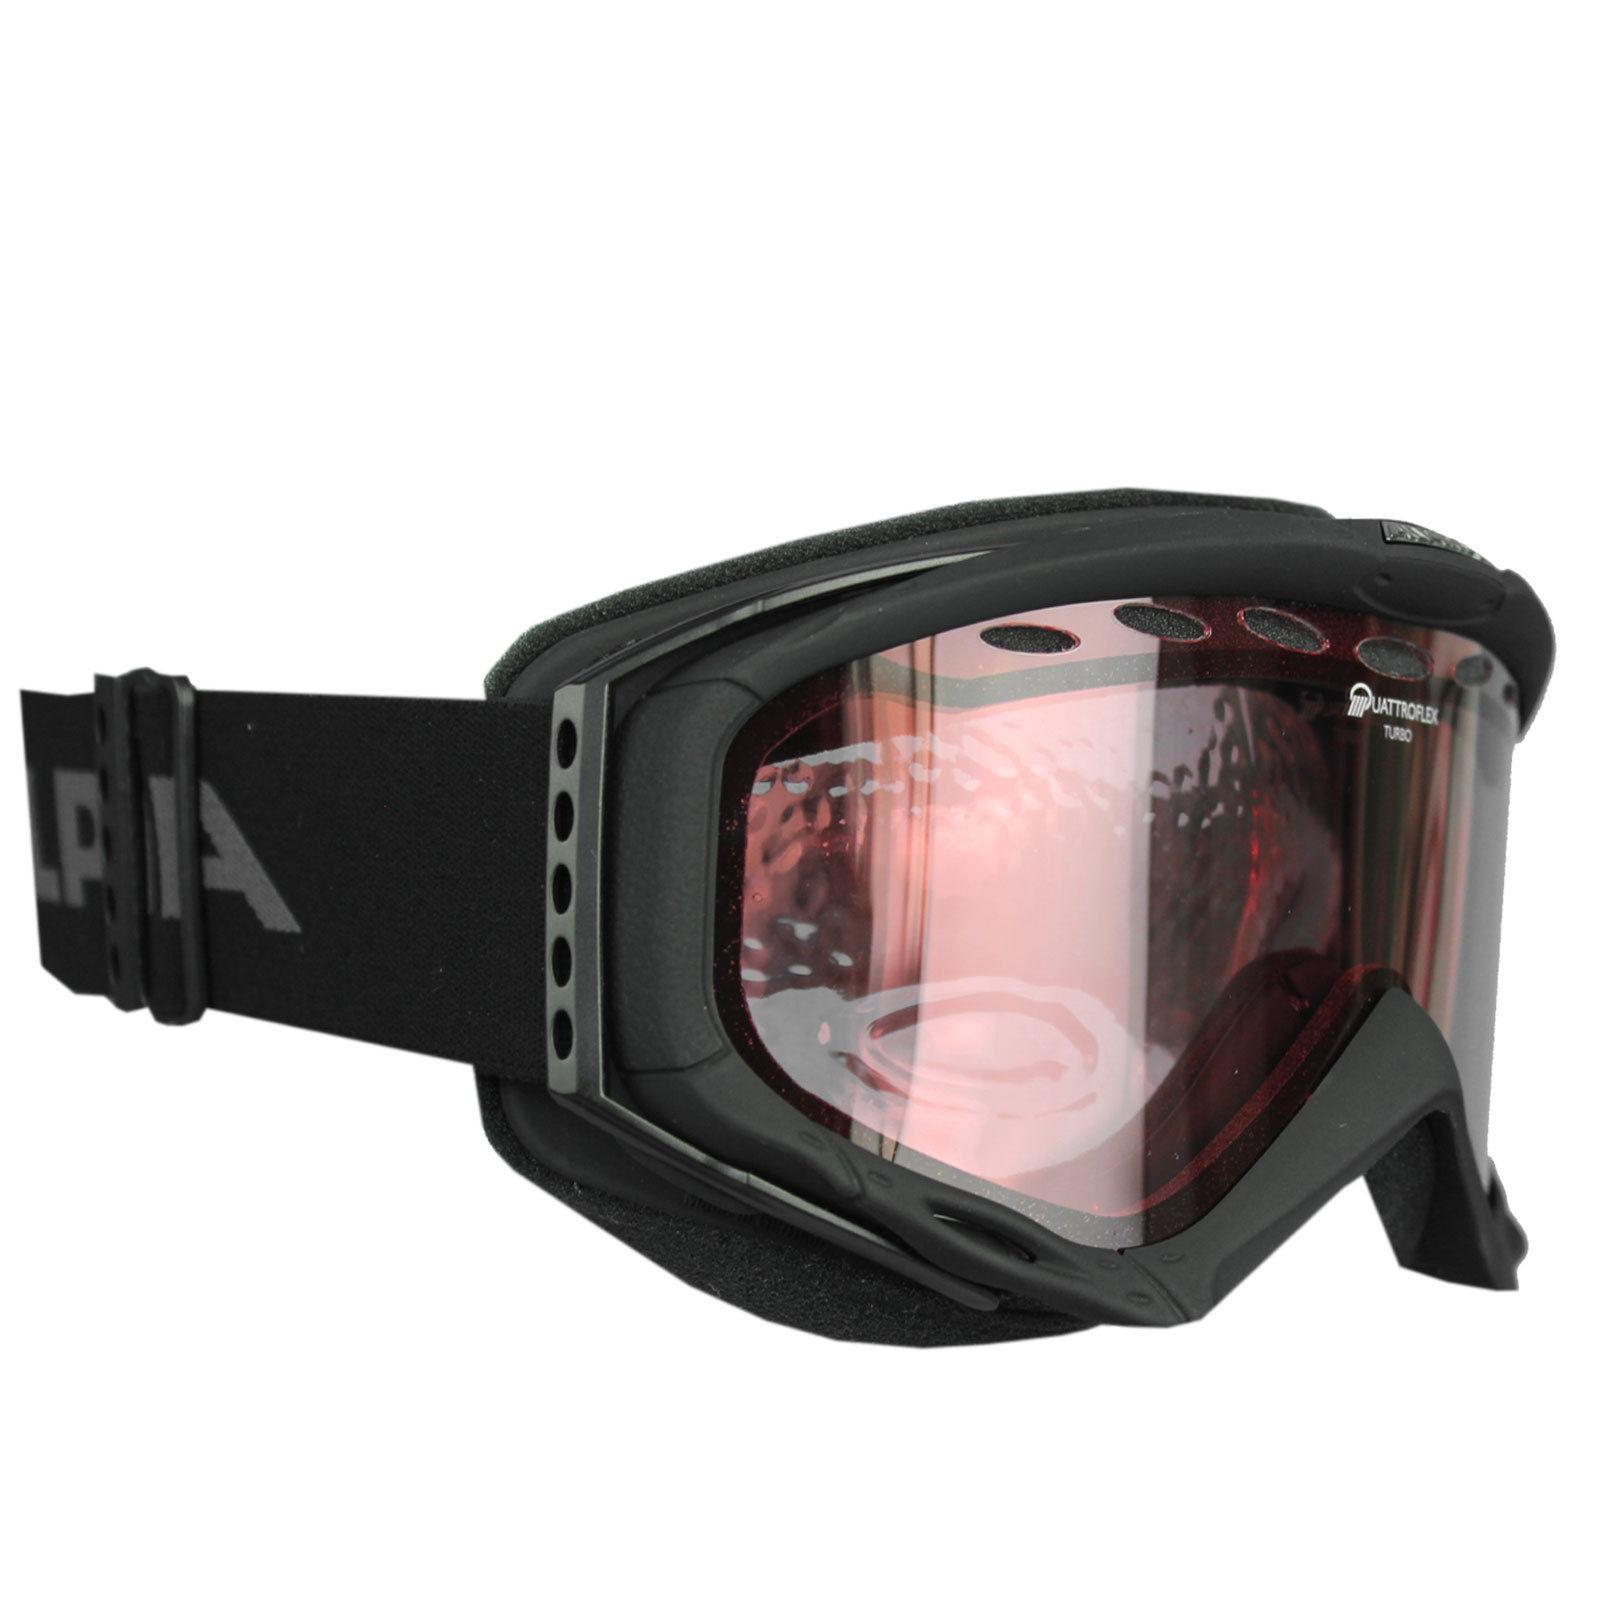 Очки горнолыжные Alpina Turbo Q black_Q S1, Горнолыжные очки и маски - арт. 750020418